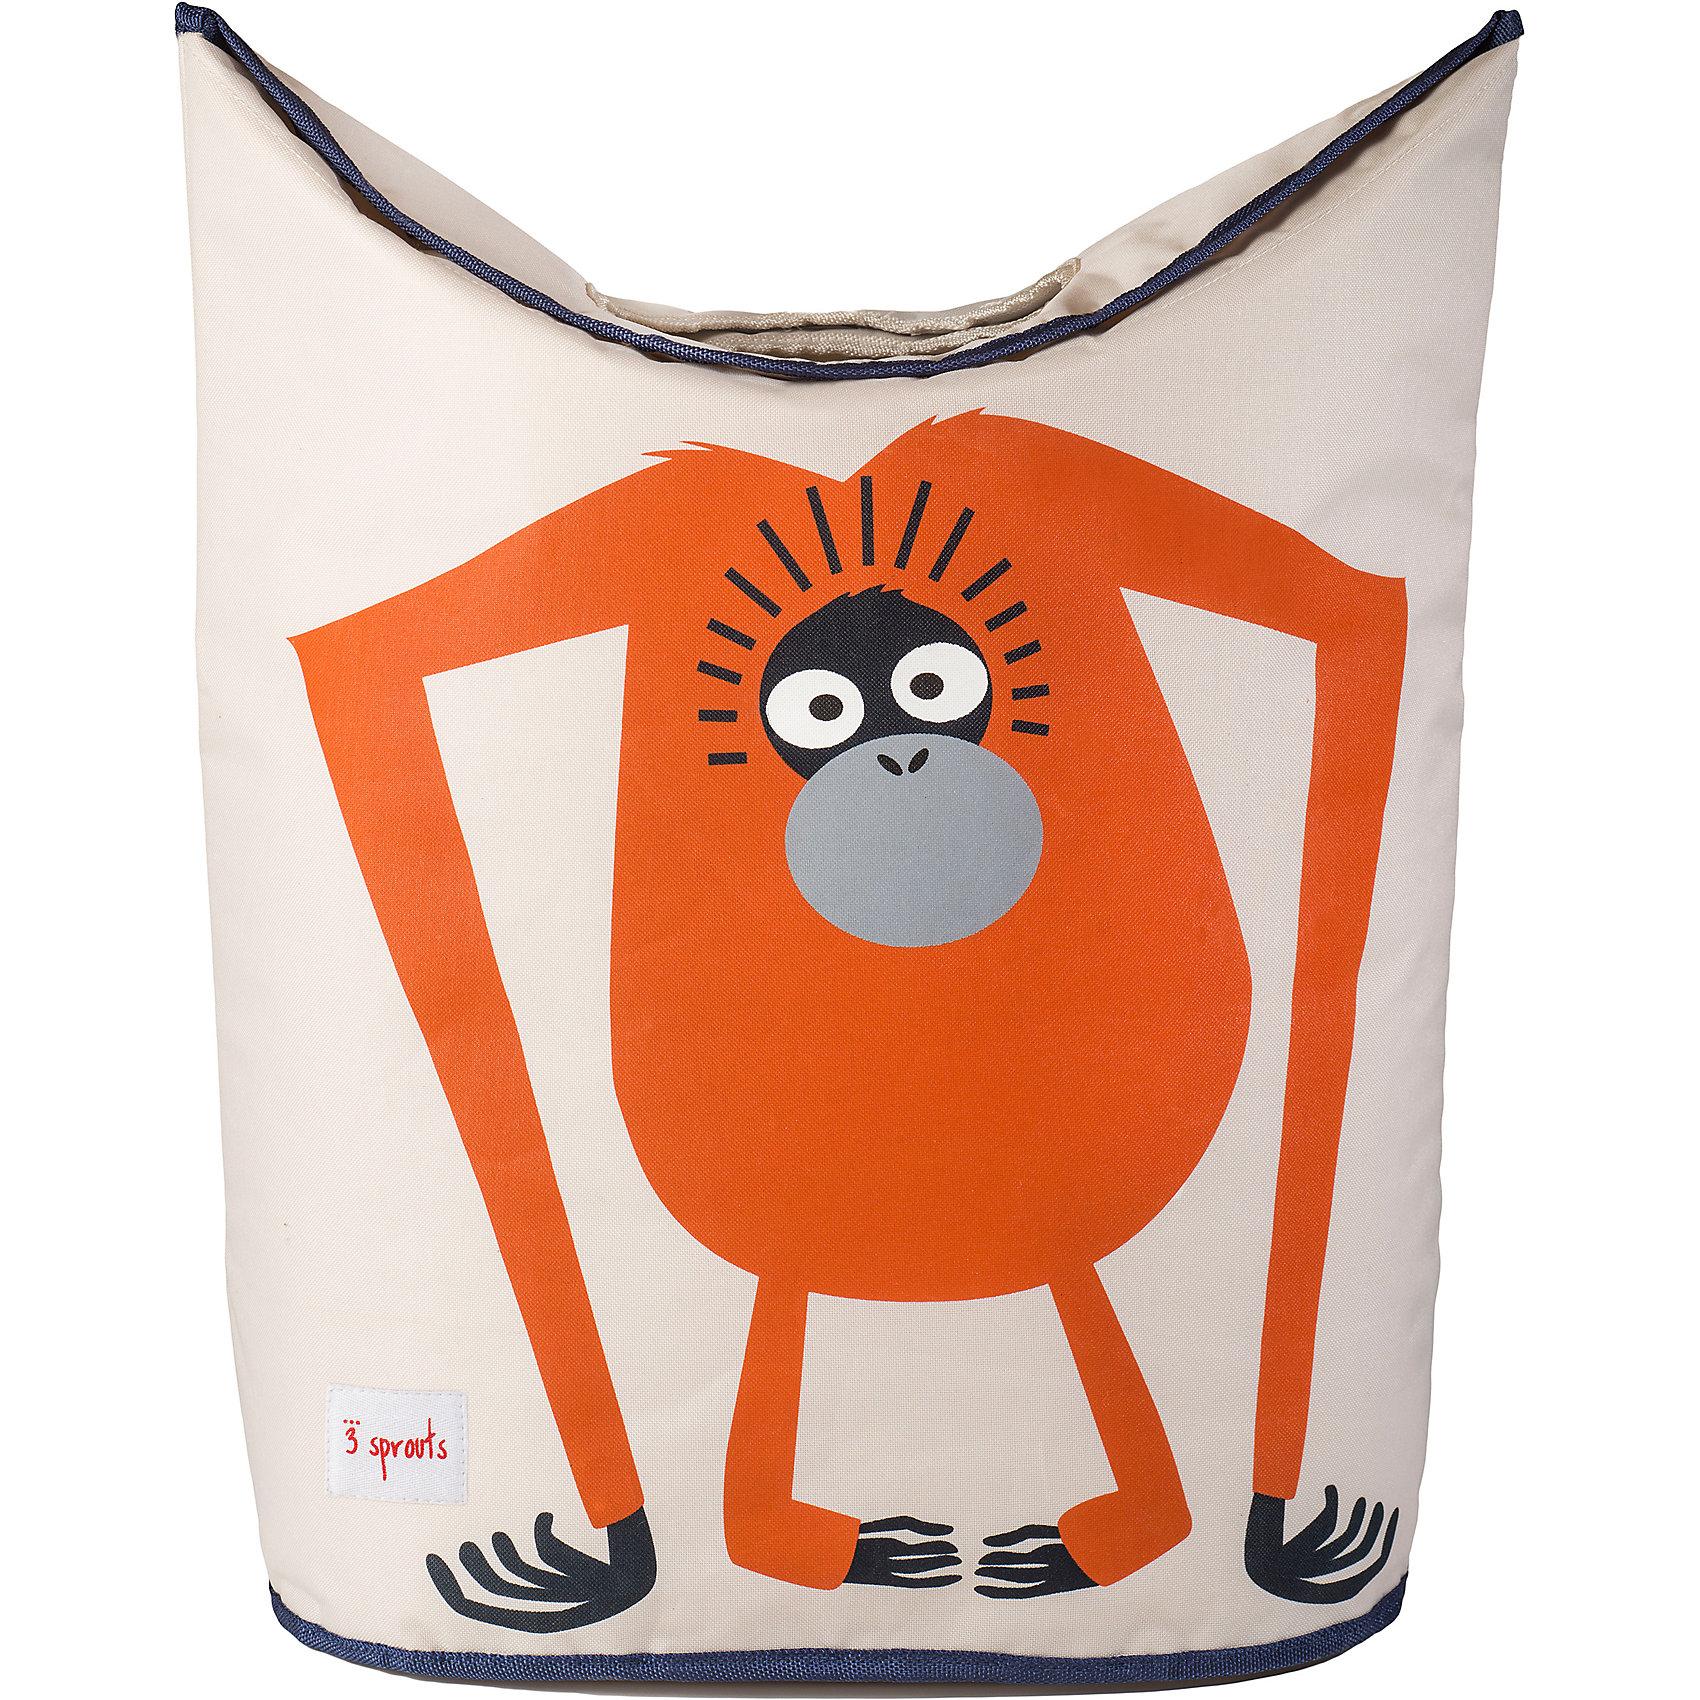 Корзина для белья Орангутан (Orangutan), 3 SproutsВанная комната<br>Стильная корзина для хранения белья будет прекрасным декором в Вашей комнате!<br><br>Дополнительная информация:<br><br>- Размер: 56х48х28 см.<br>- Материал: полиэстер, полипропилен.<br>- Орнамент: Орангутан.<br><br>Купить корзину для белья Орангутан (Orangutan), можно в нашем магазине.<br><br>Ширина мм: 600<br>Глубина мм: 20<br>Высота мм: 40<br>Вес г: 554<br>Возраст от месяцев: 0<br>Возраст до месяцев: 588<br>Пол: Унисекс<br>Возраст: Детский<br>SKU: 5098242